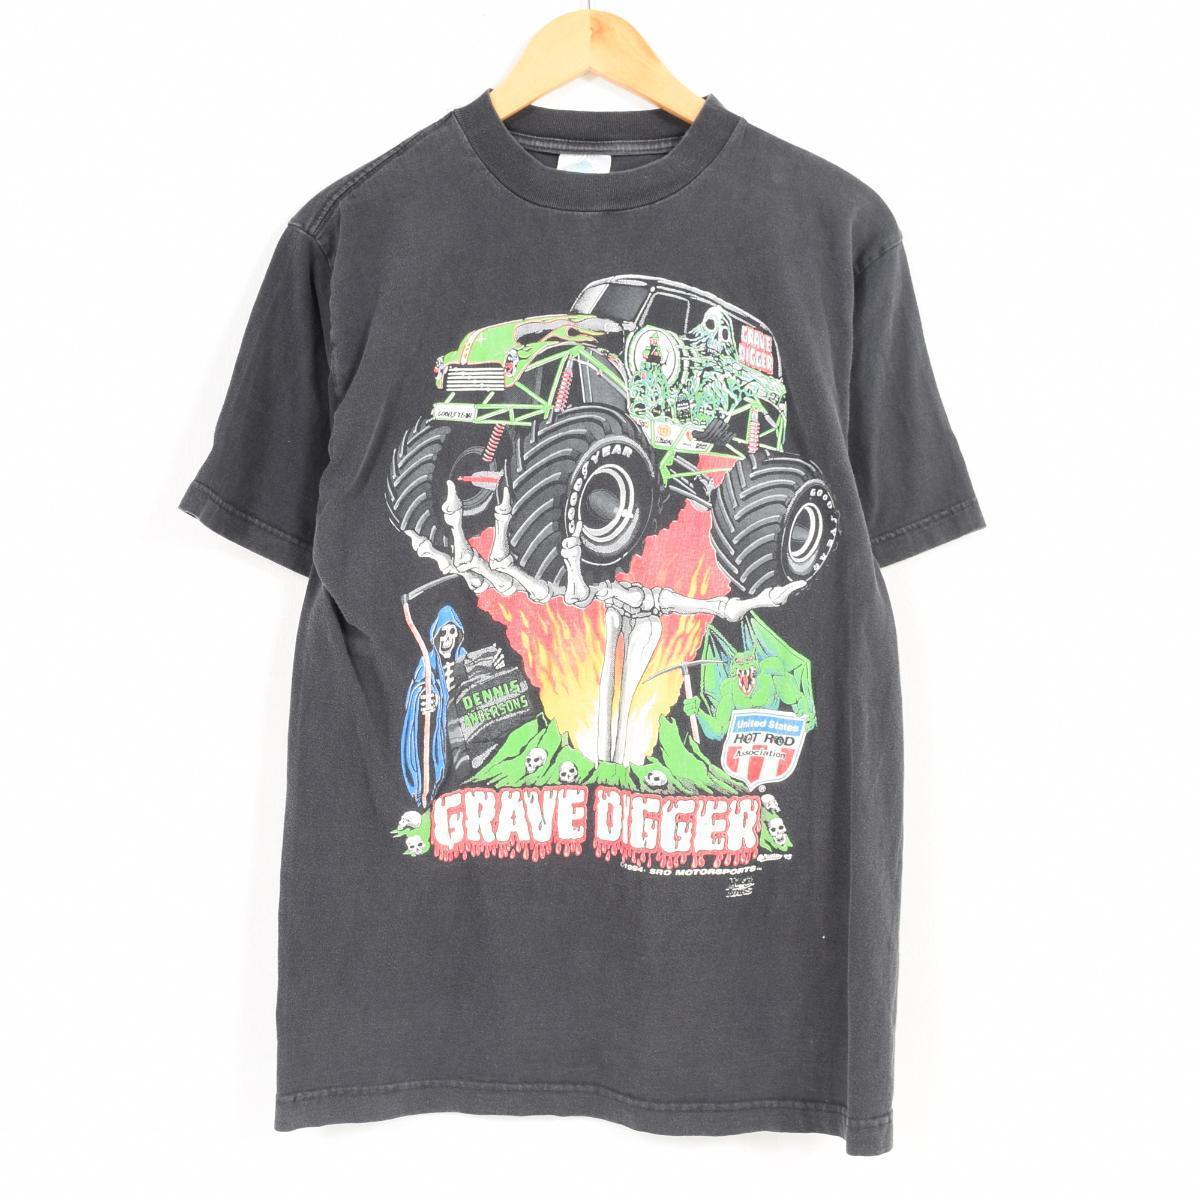 90年代 GRAVE DIGGER グレイヴディガー バンドTシャツ メンズM /war1310 【中古】 【180501】【TS2001】【VTG】